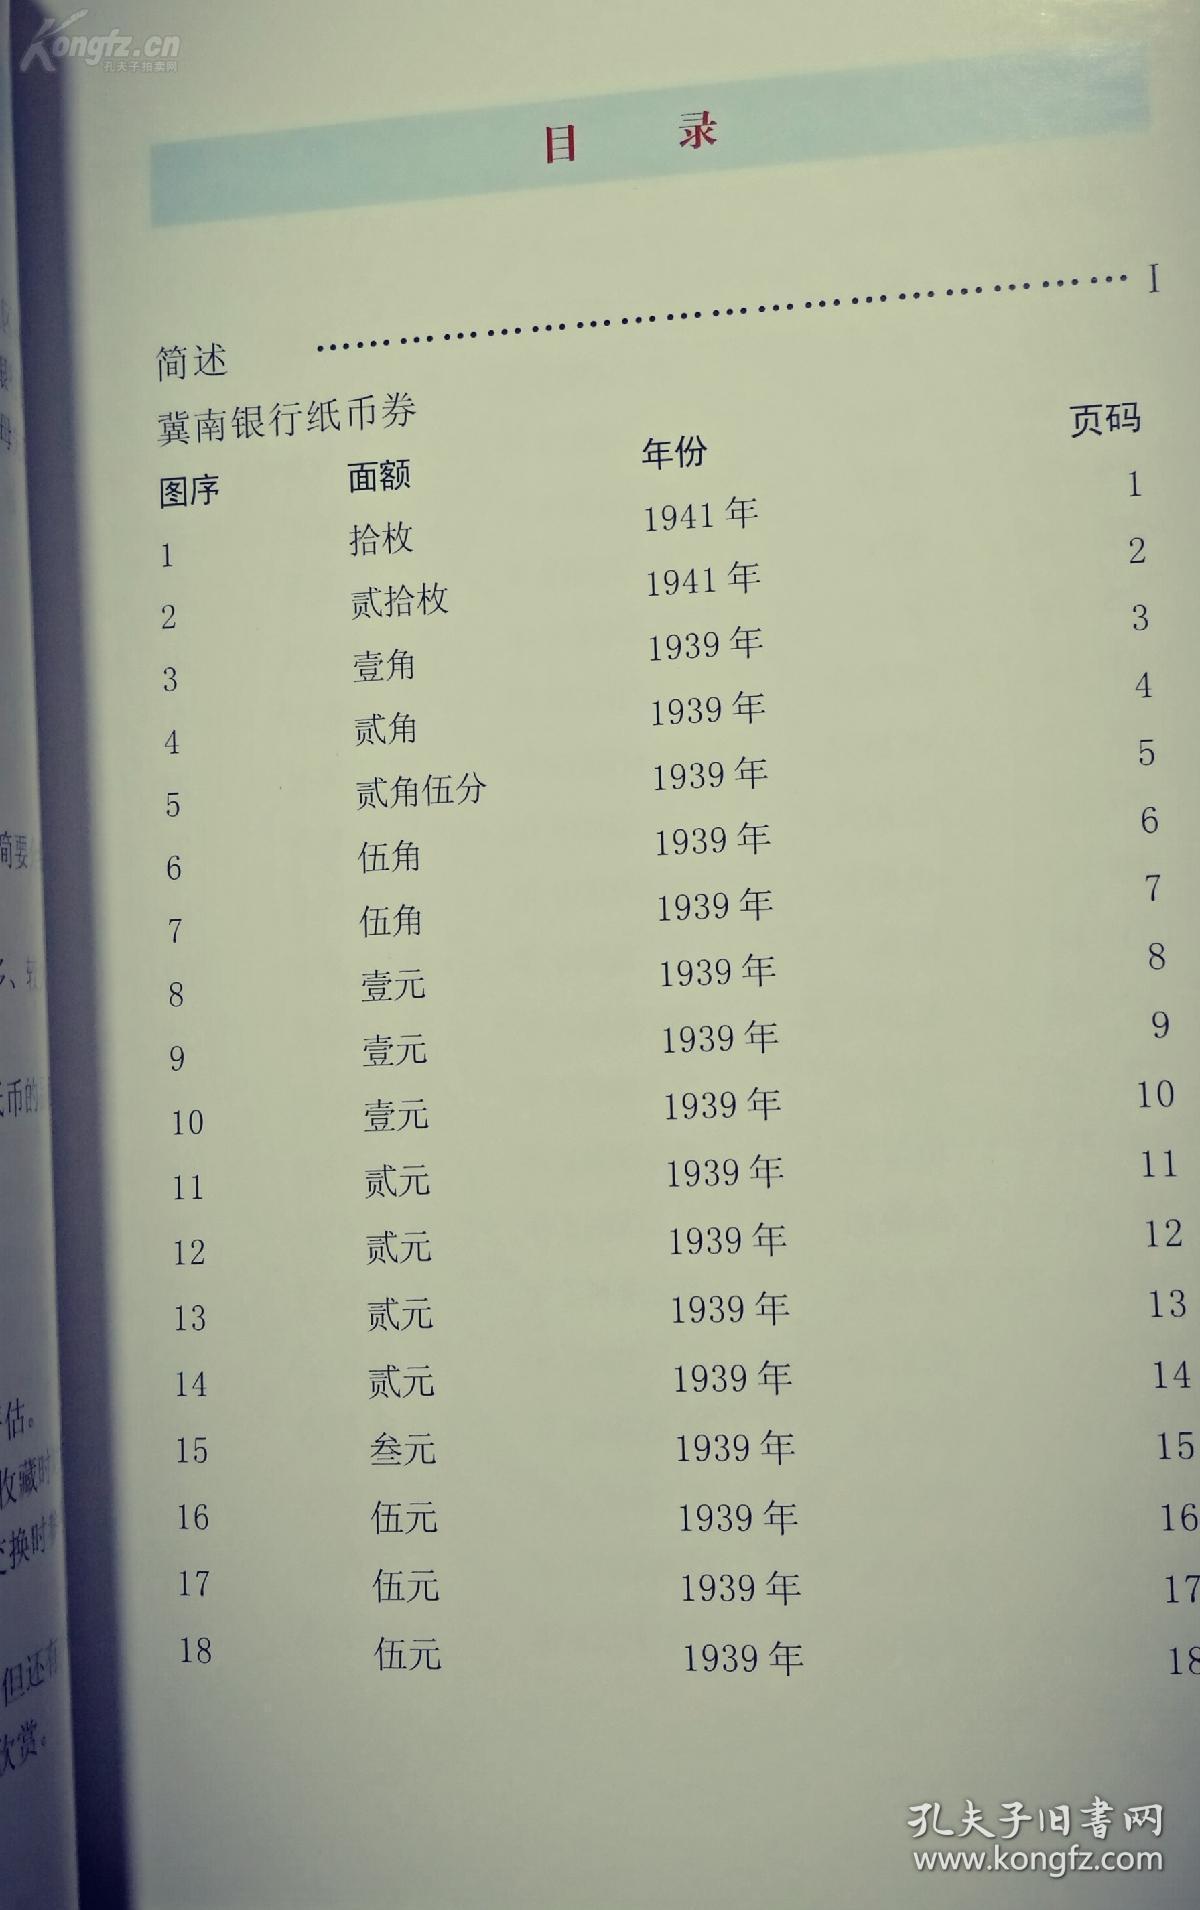 《冀南銀行紙幣券》——中國解放區紙幣圖鑒。余繼明 編著,浙江大學出版社版 [6]